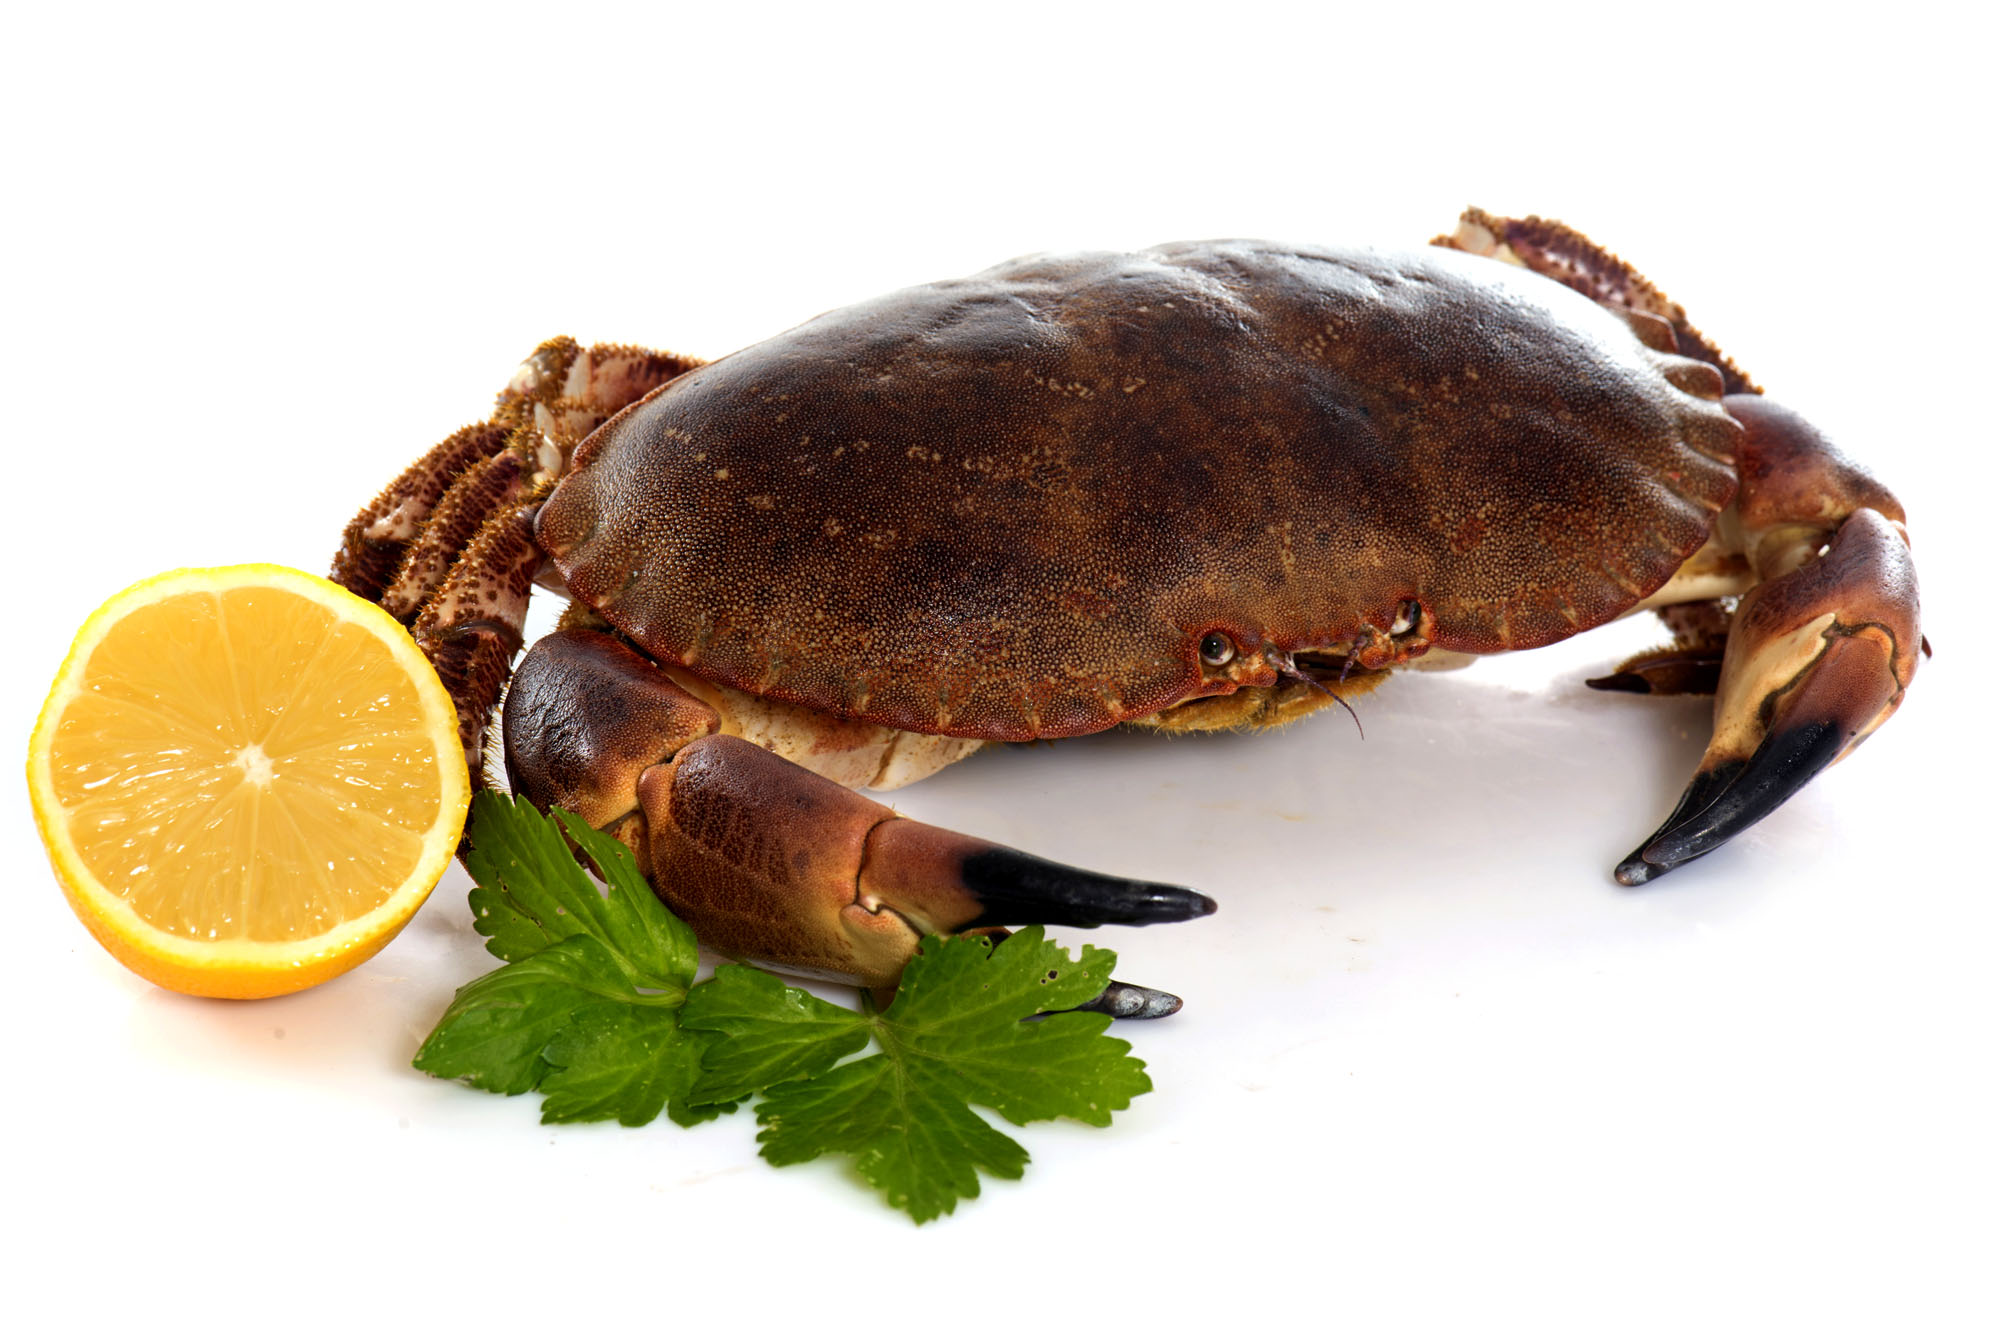 Chair de crabe suite